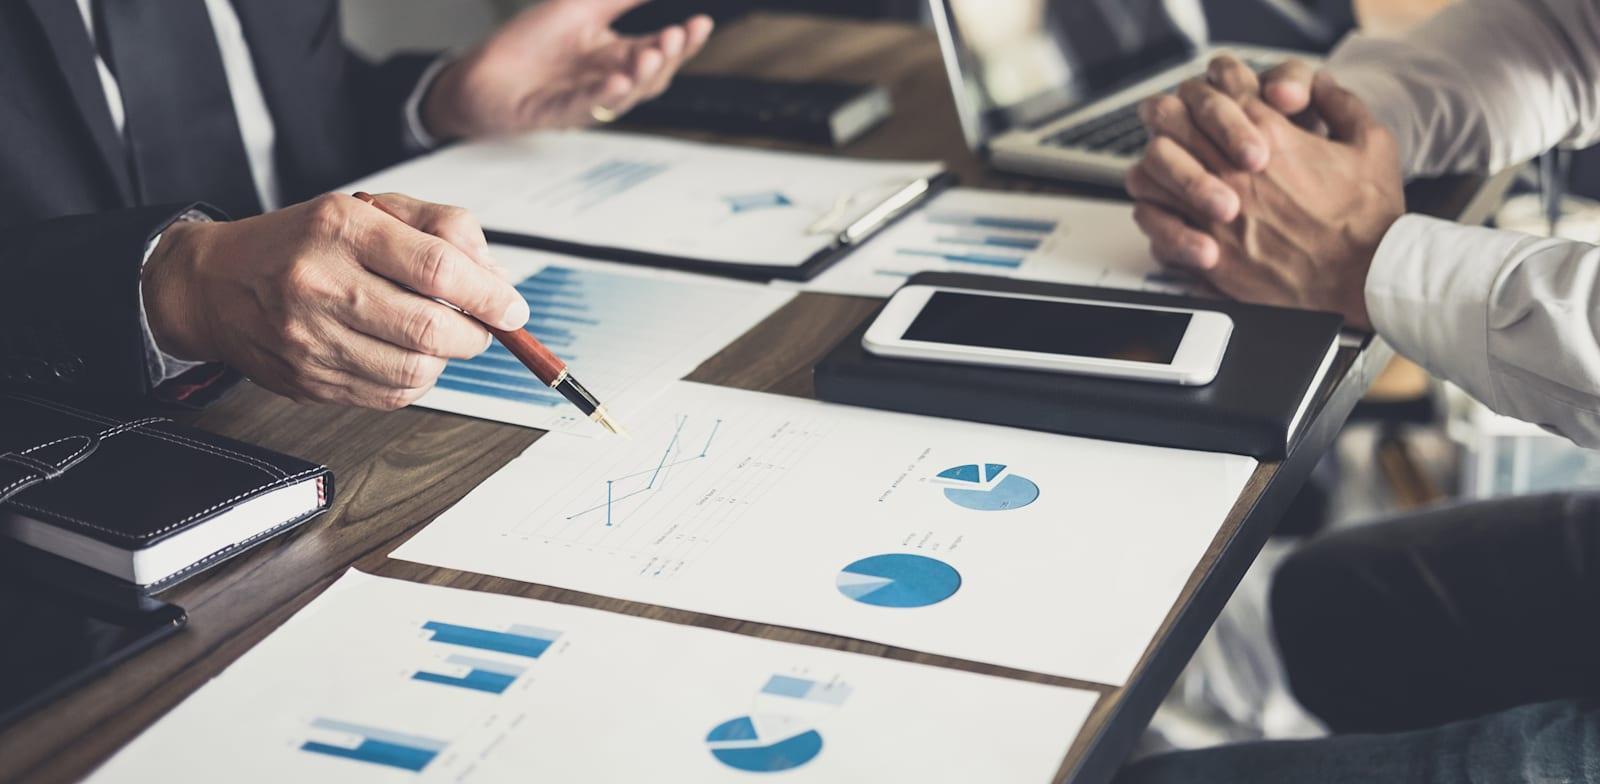 פגישות הייעוץ הפרונטליות נשארו בשנת 2019 / צילום: Shutterstock, Freedomz